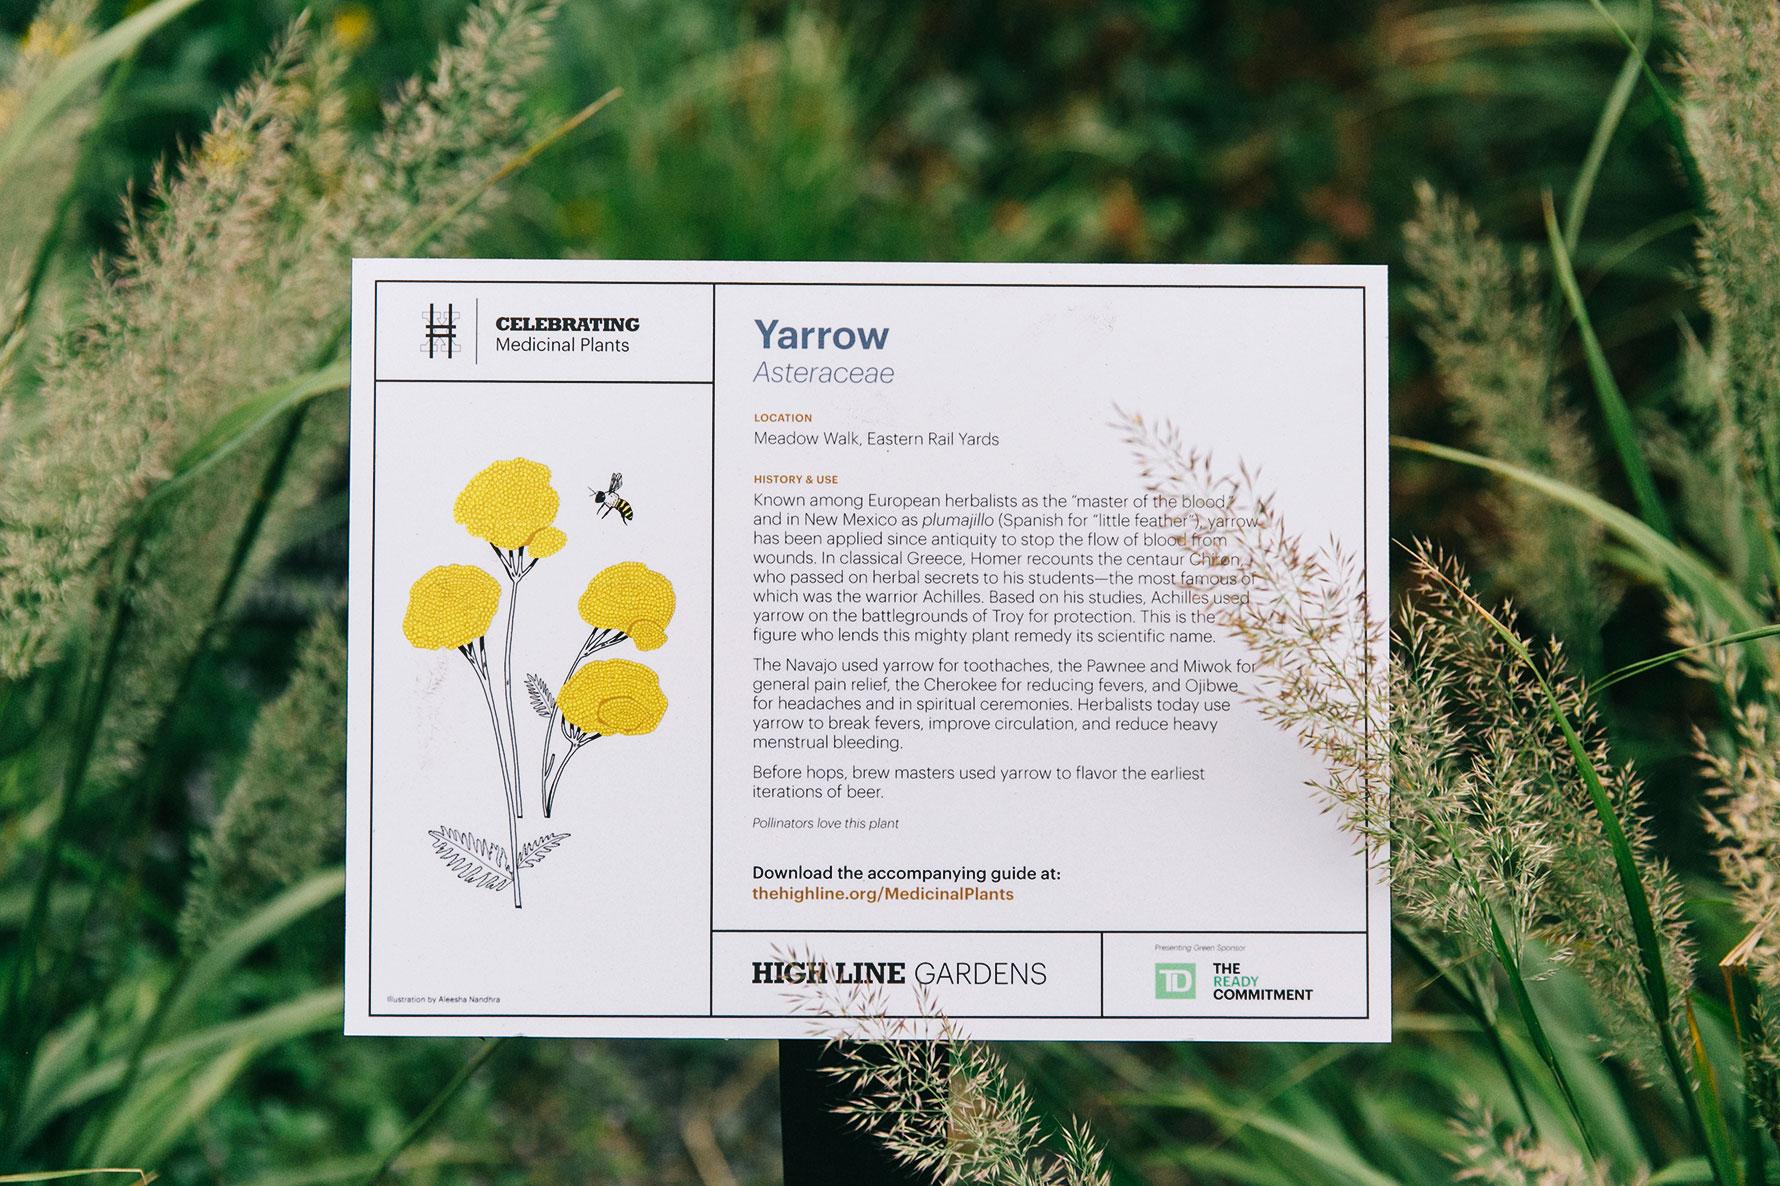 A white sign describing the plant yarrow.